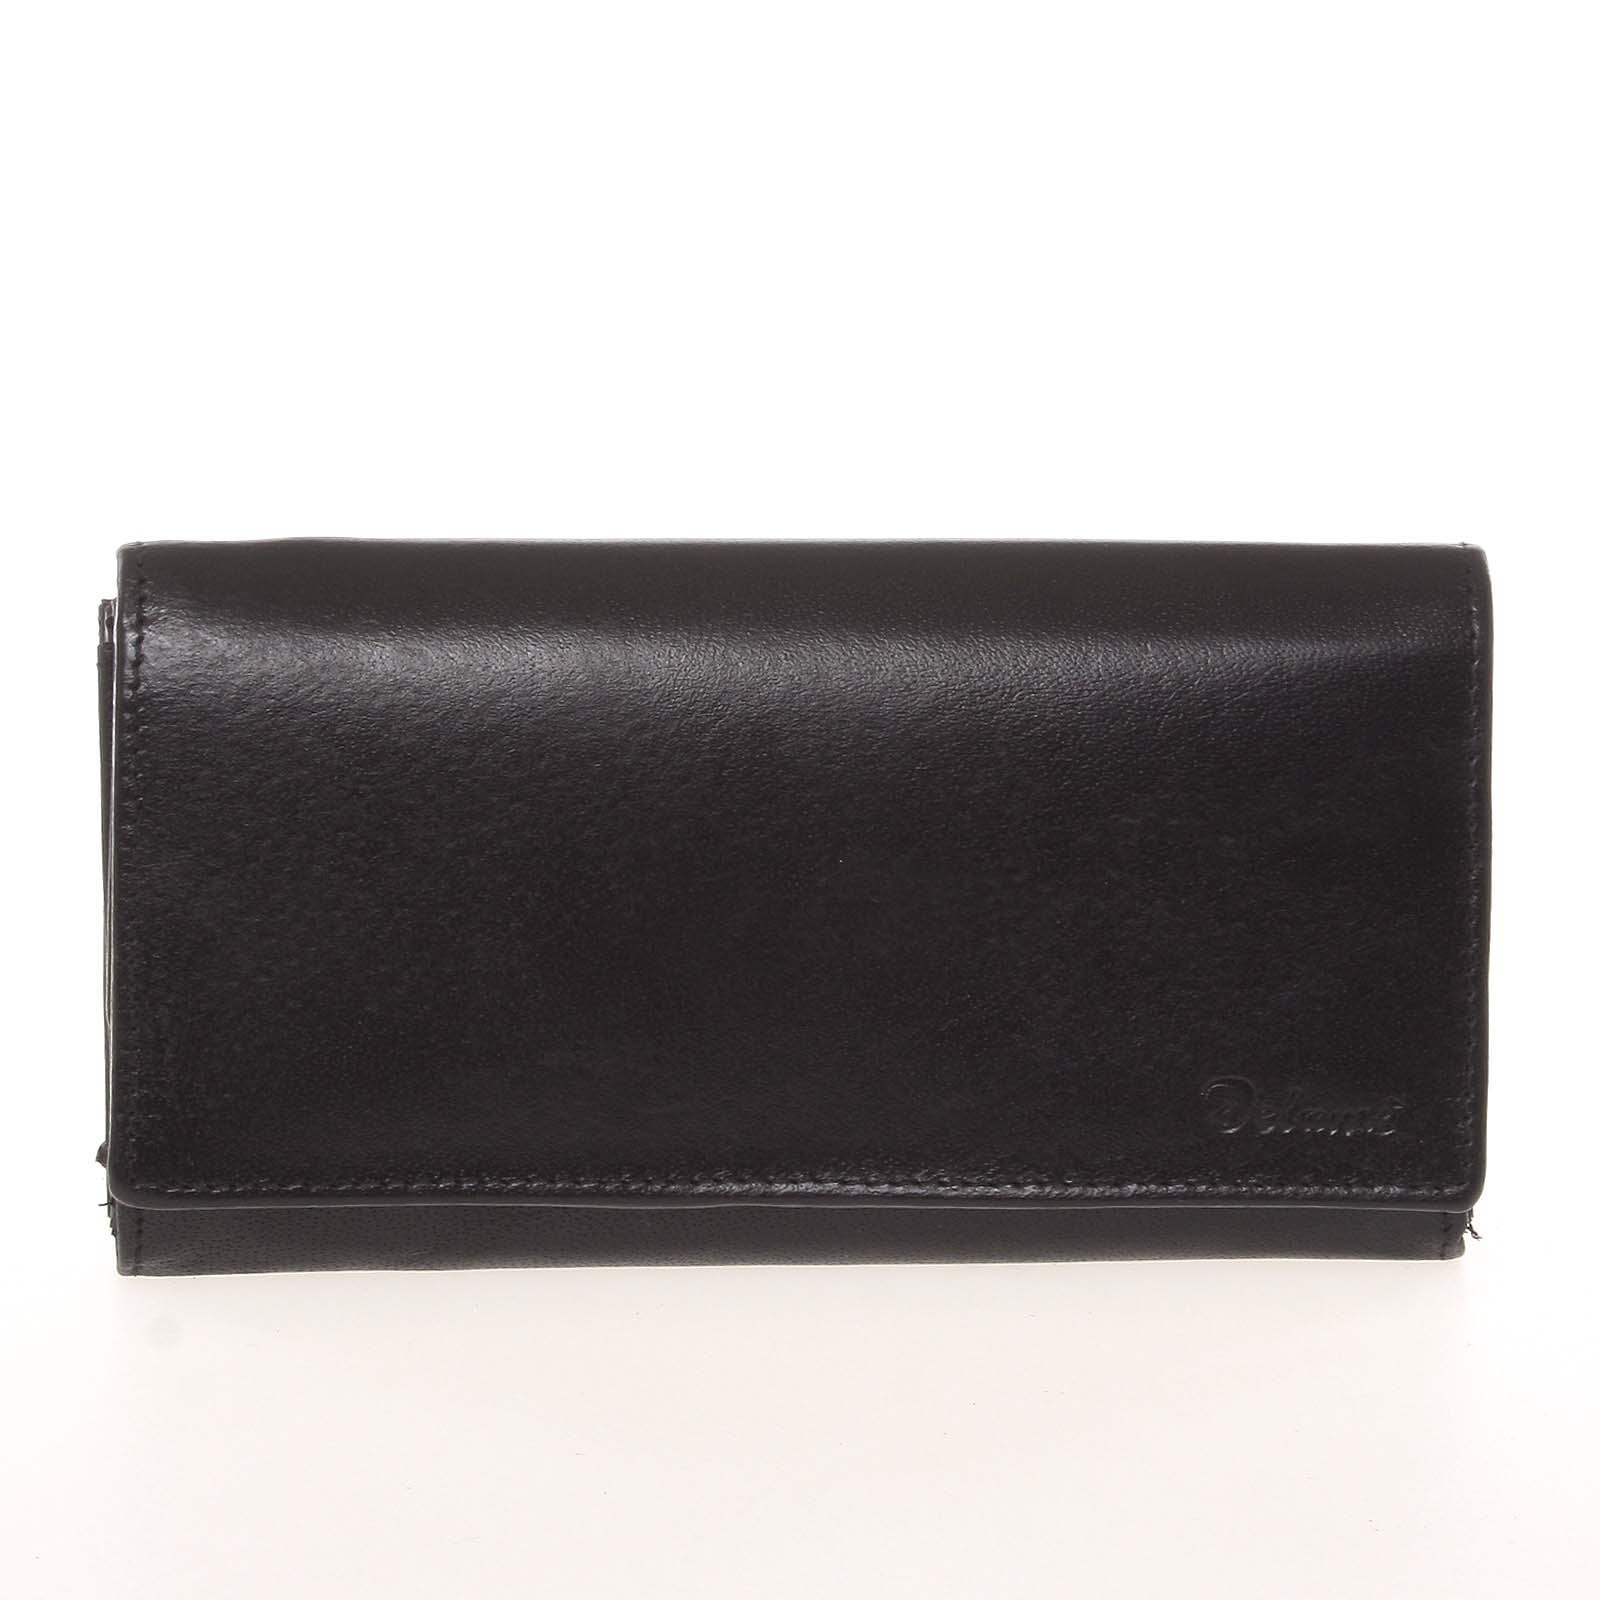 Dámska kožená čierna peňaženka - Delami CHAGL04104